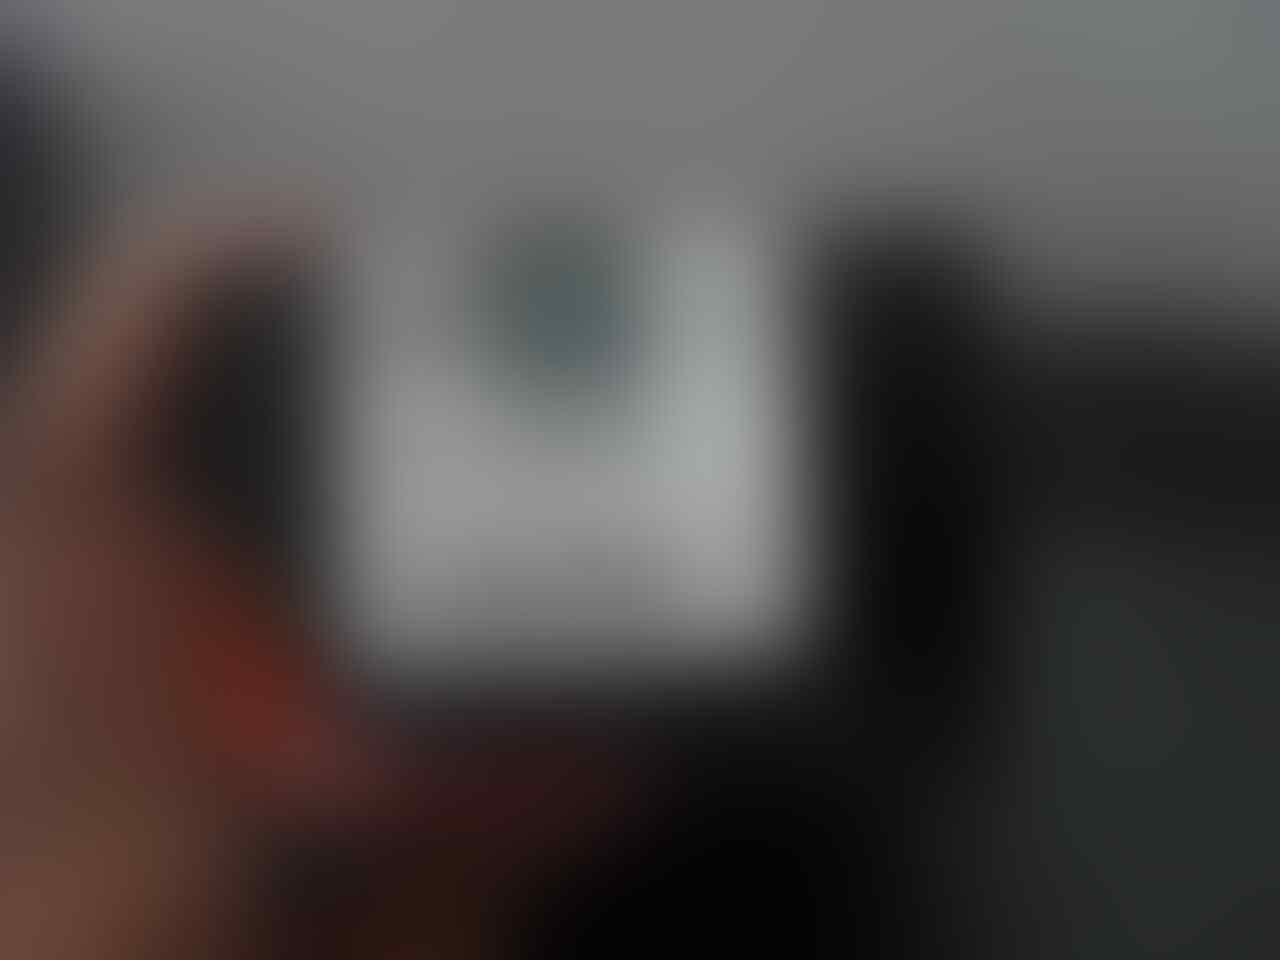 WTS AMD Vishera 6300 Like new Garansi Panjang Pembelian Juli 2014 BOGOR-DEPOK !!!